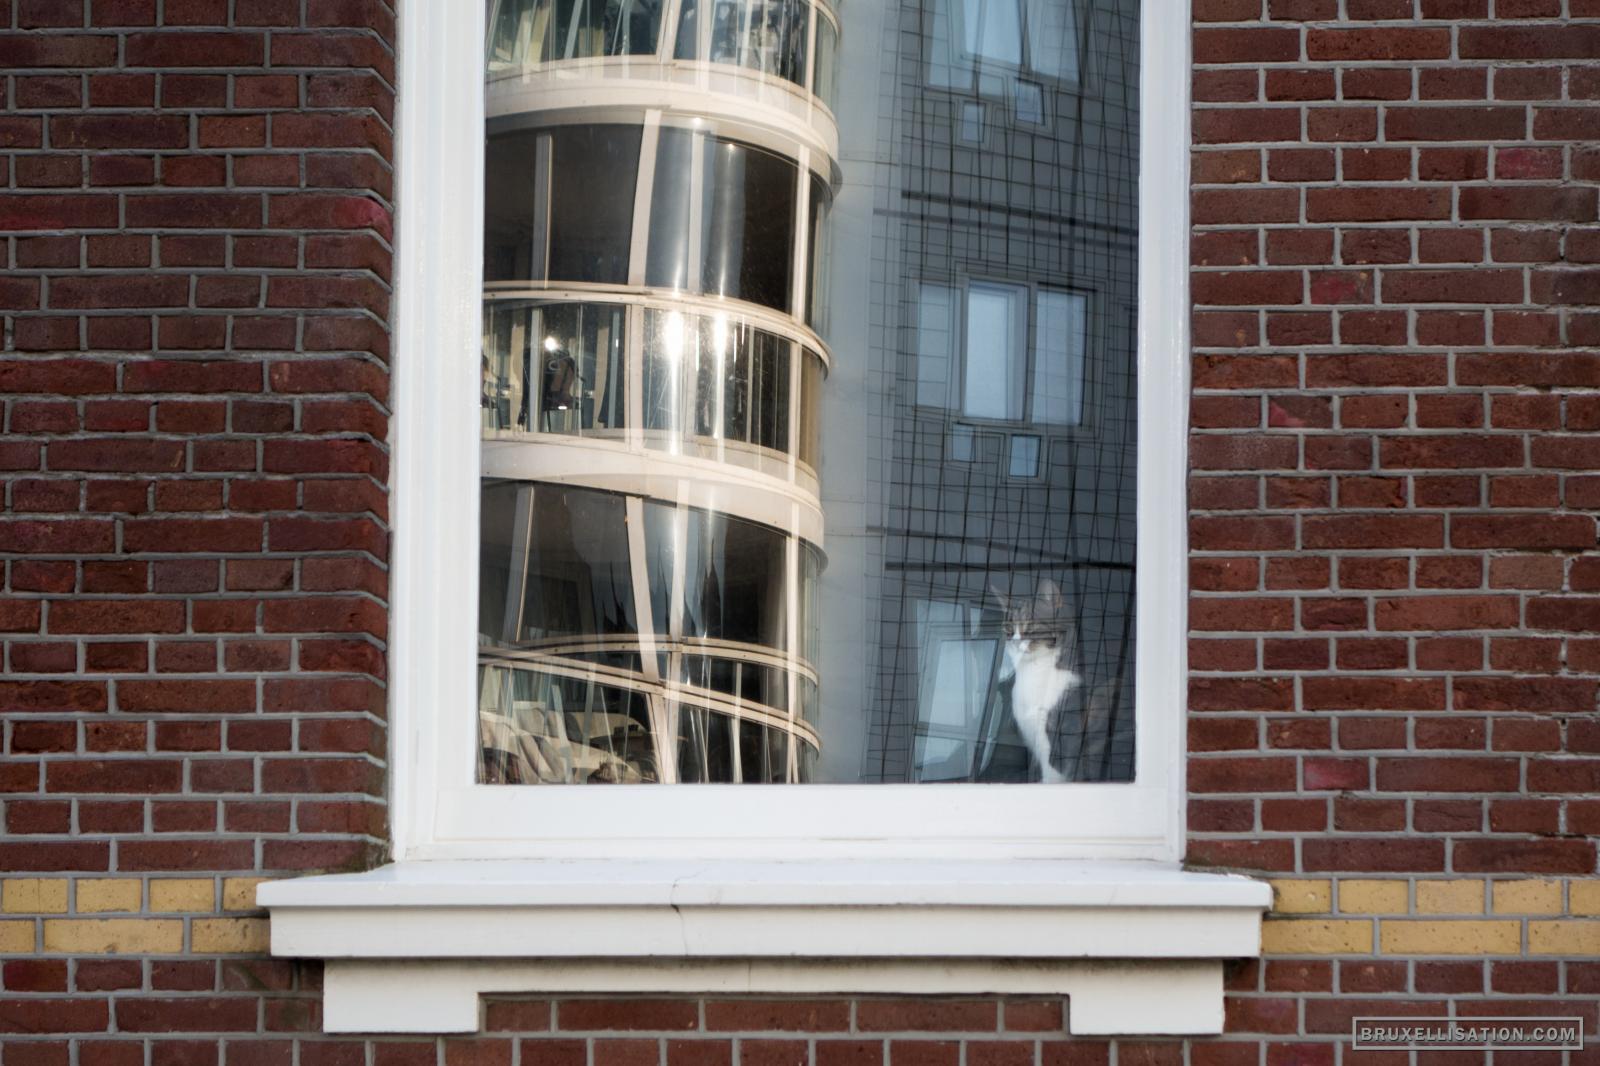 Scheveningen, The Hague, Netherlands, September 2015